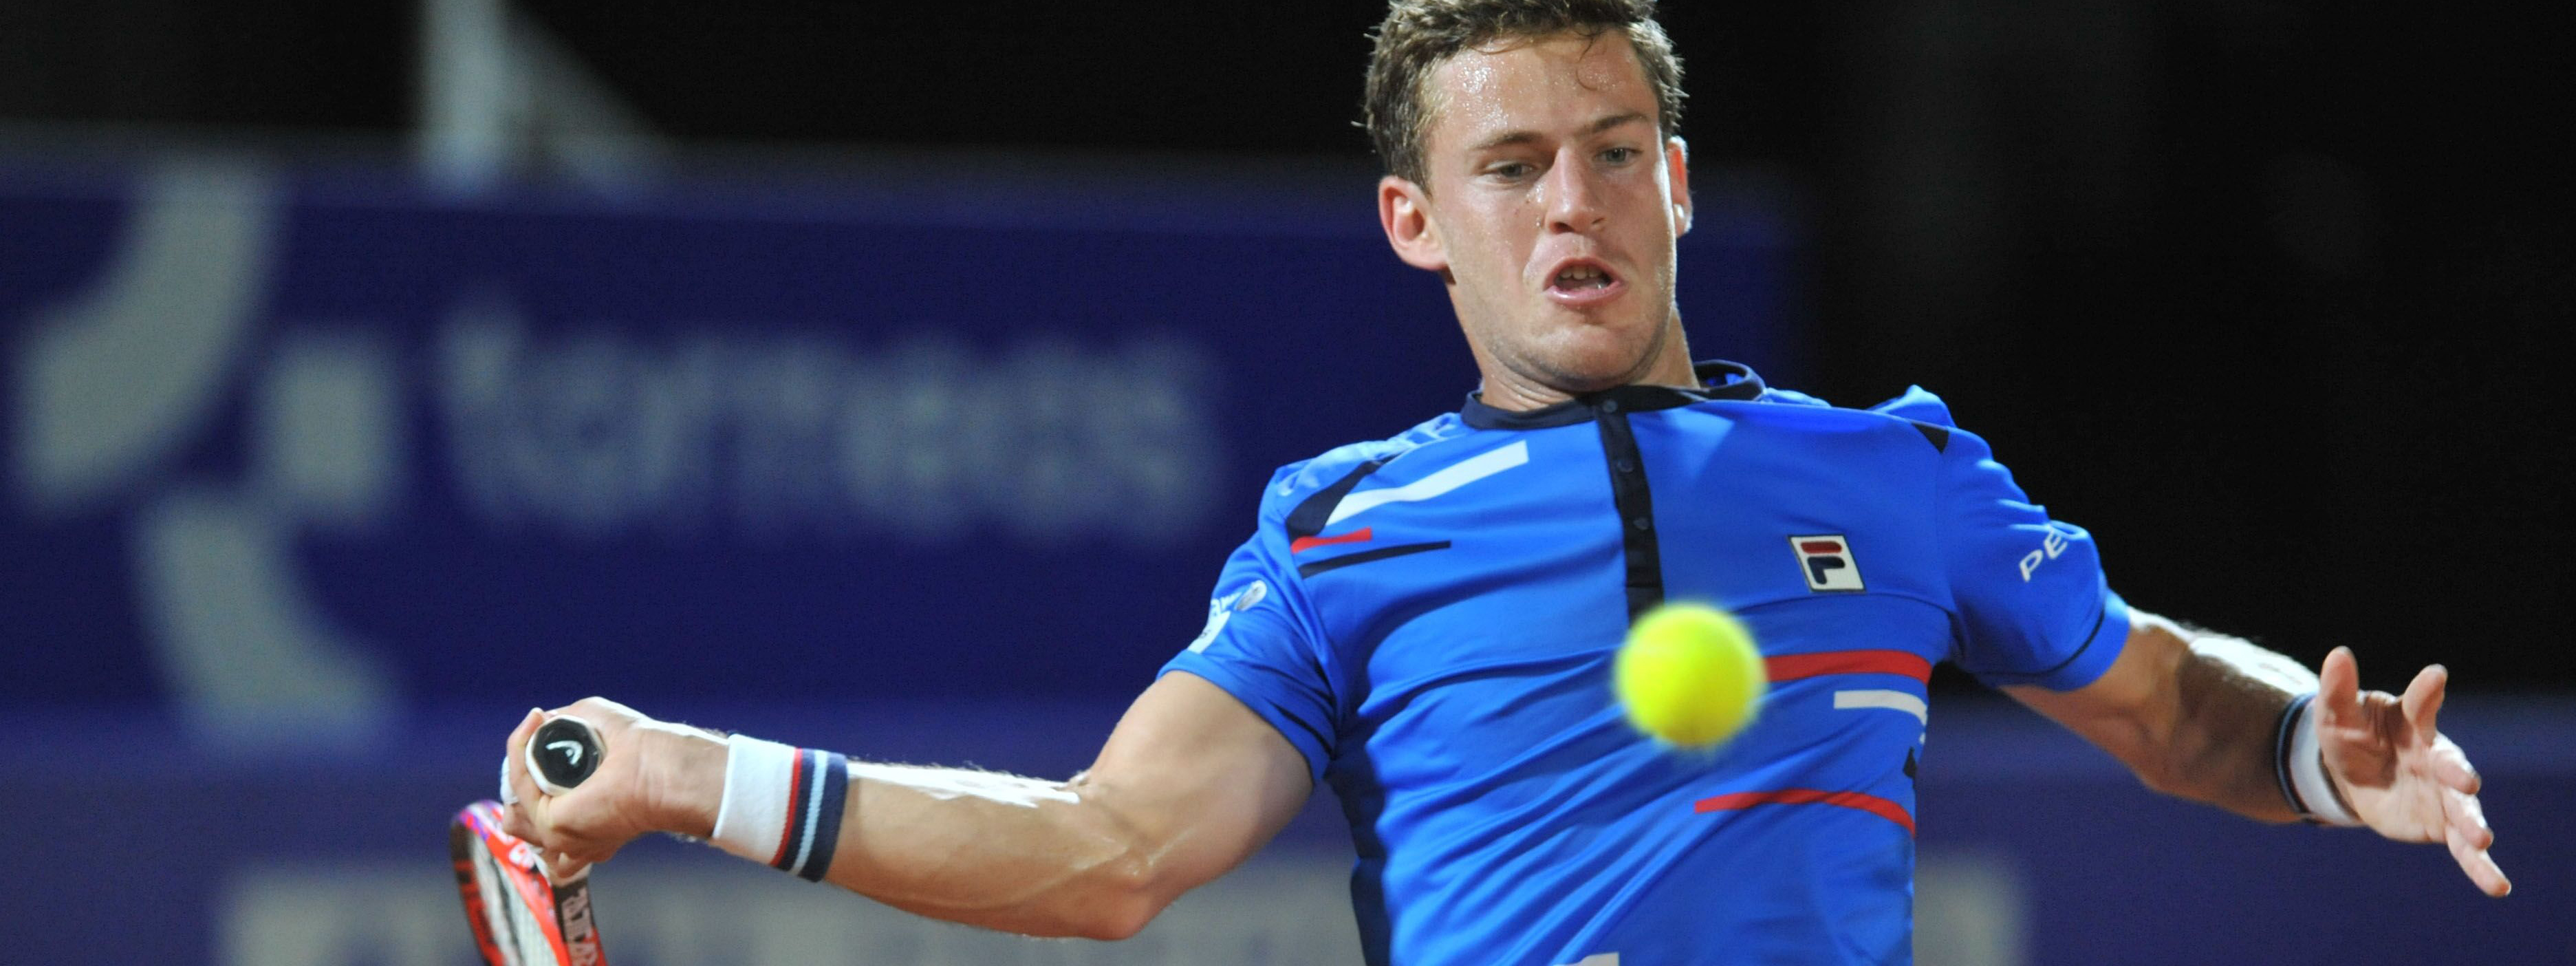 TENIS: Este viernes, Londero y Cachín en un duelo de alto voltaje cordobés en el ATP 250 Córdoba Open